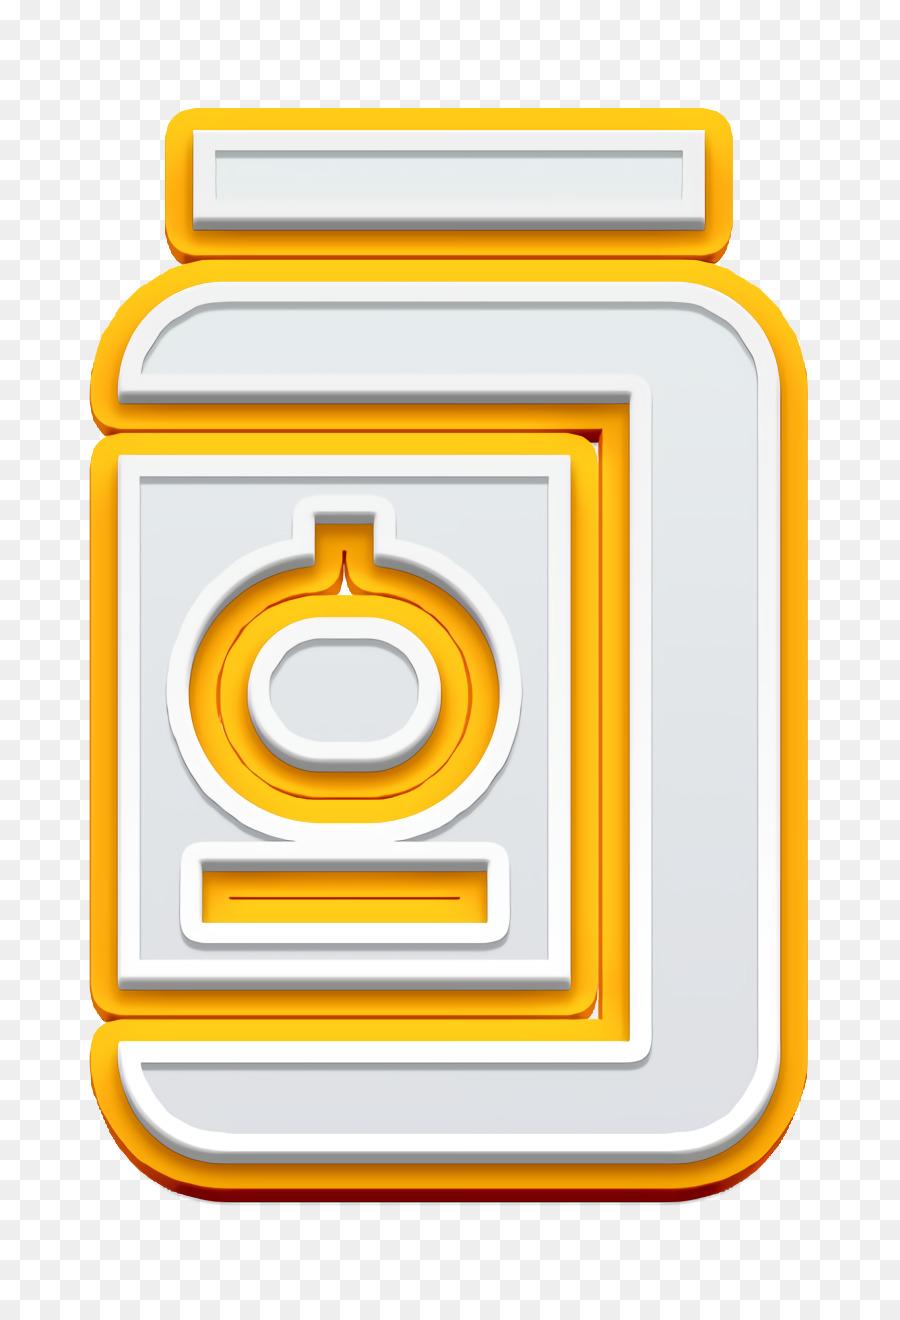 Descarga gratuita de Amarillo, Línea, Símbolo Imágen de Png